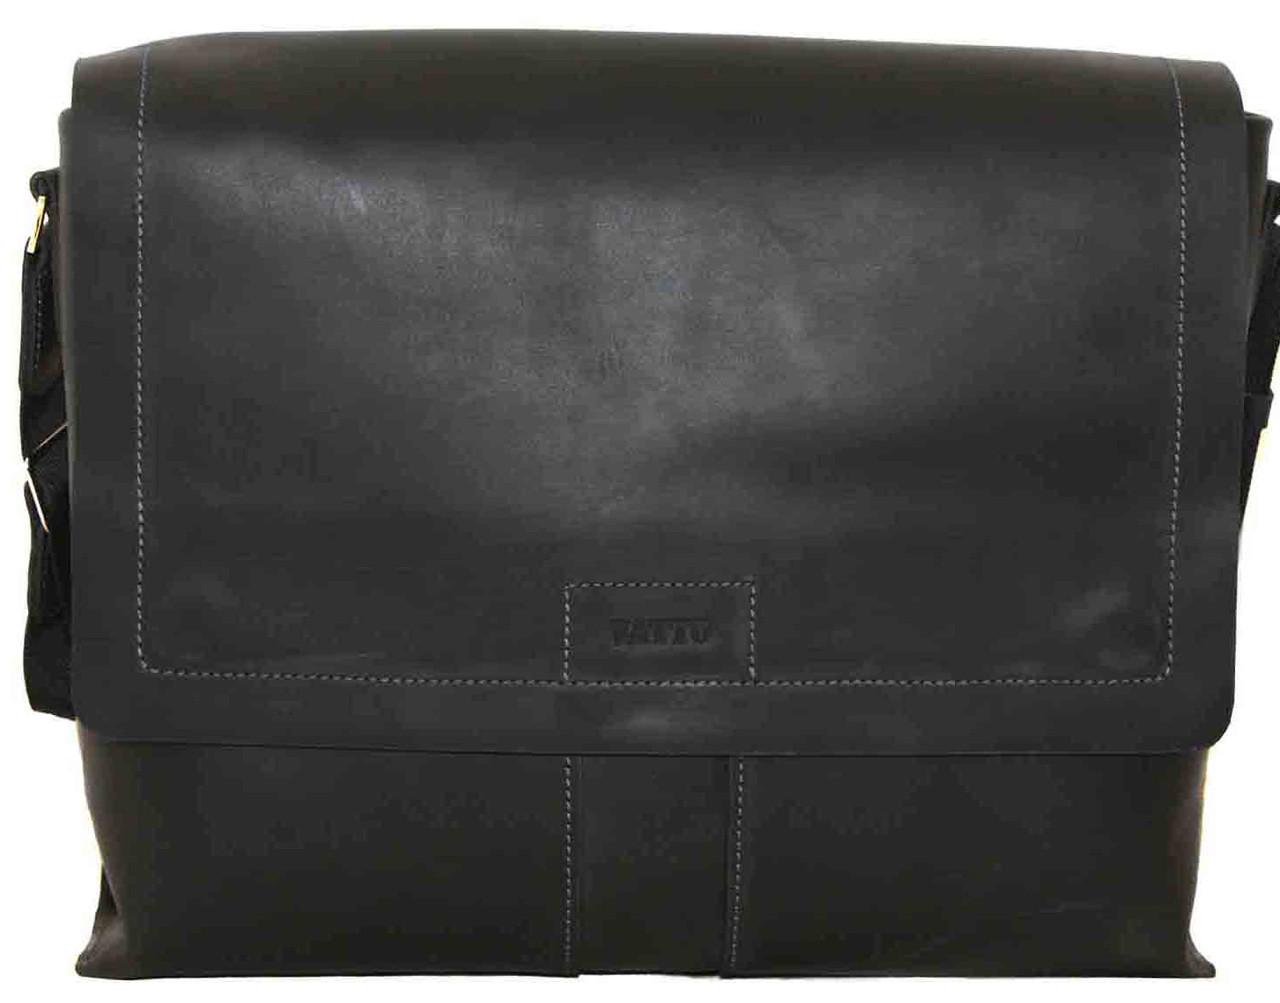 0fe692e94e43 Кожаная мужская сумка Mk34 чёрная матовая от интернет-магазина